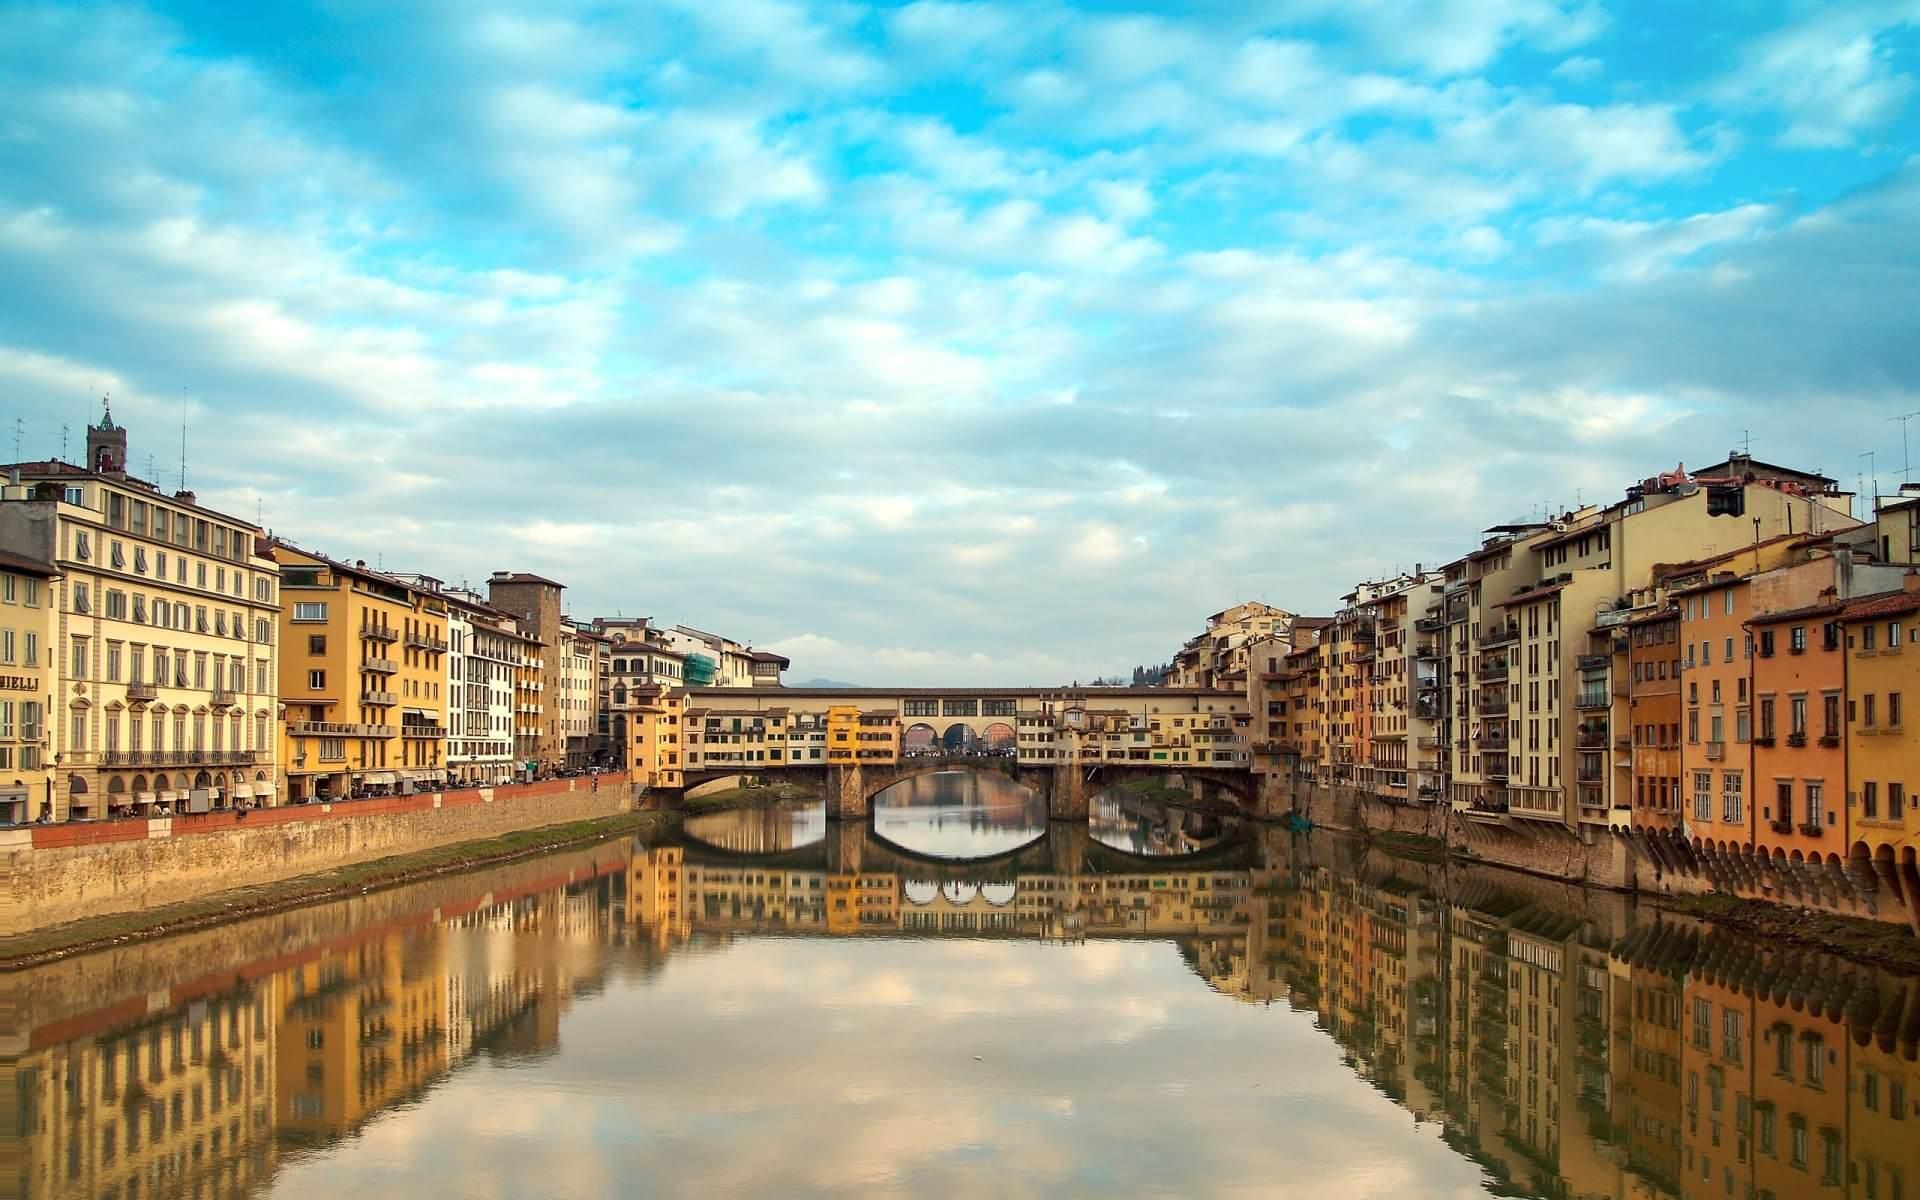 Hành trình khám phá Châu Âu 10N9Đ - Thành phố Florence